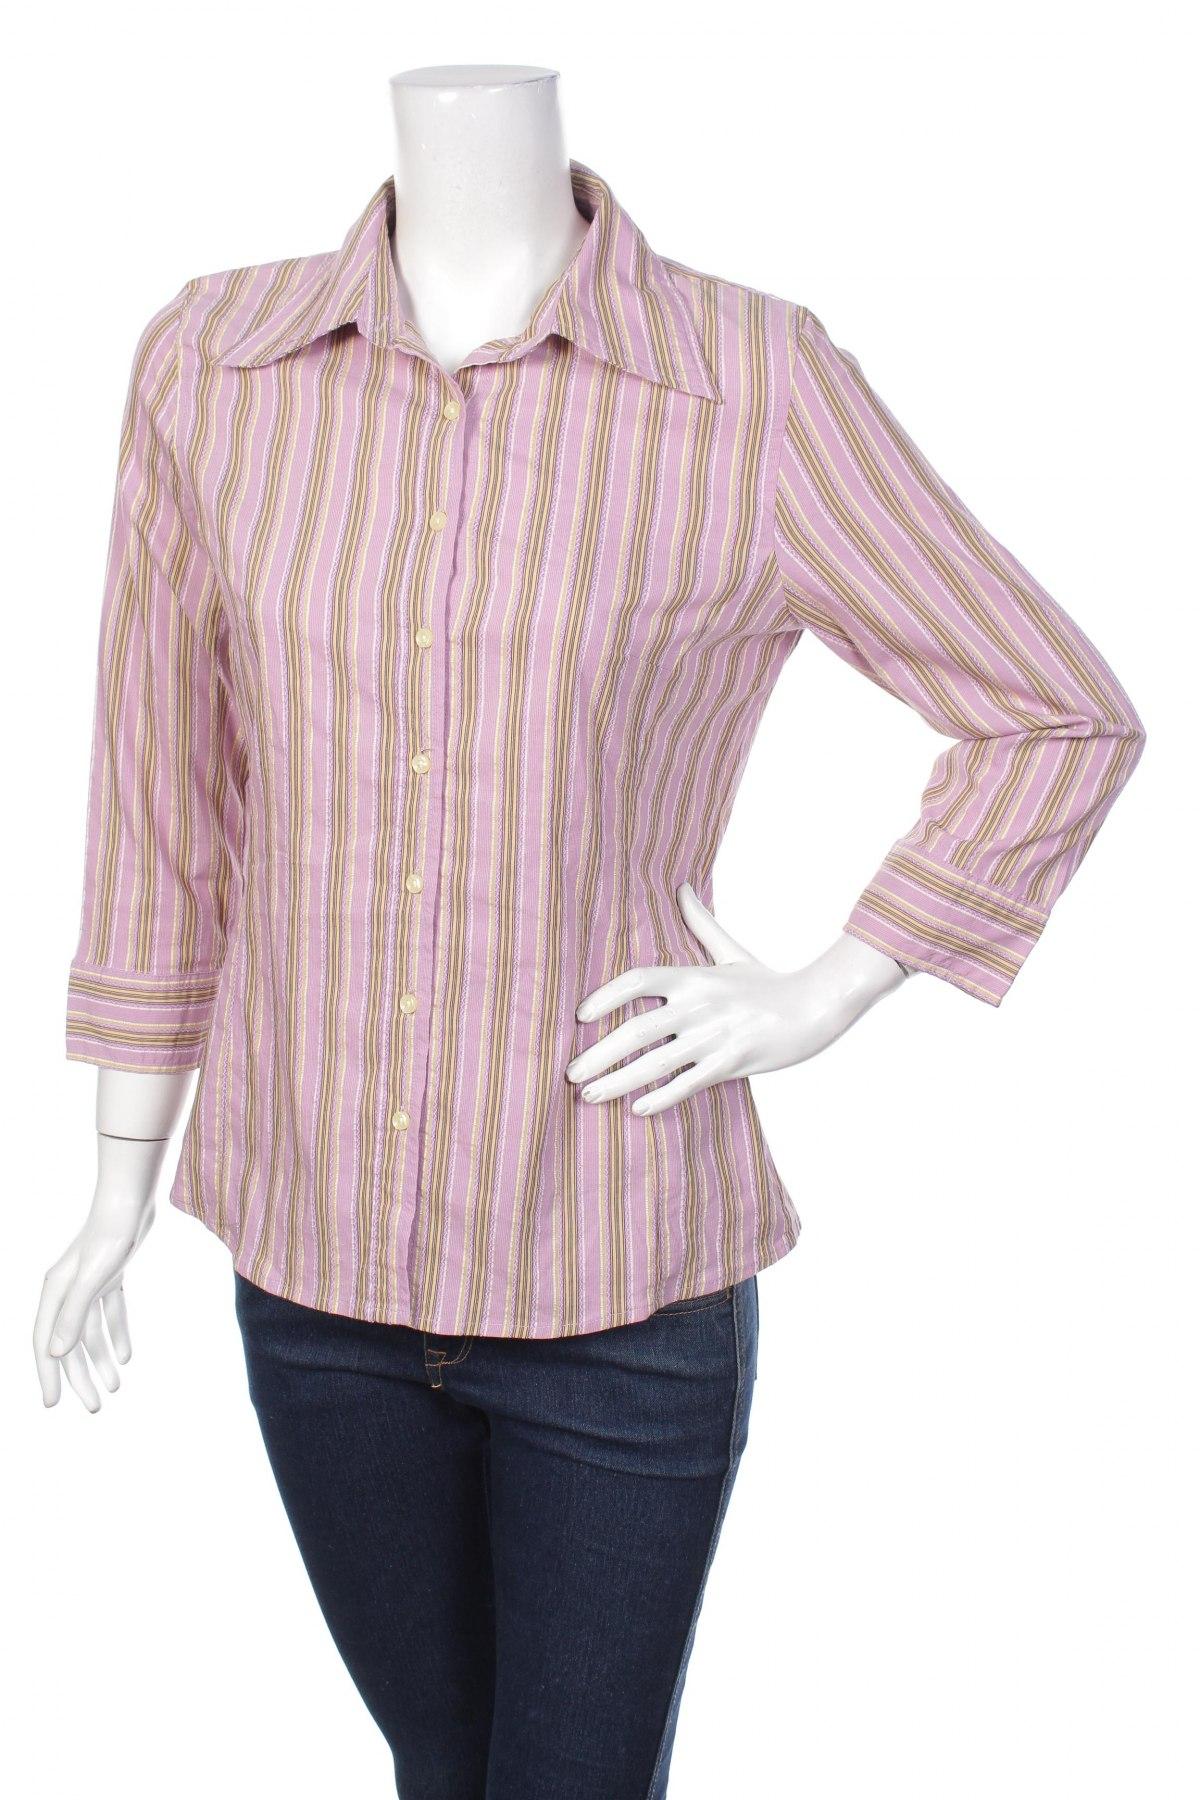 Γυναικείο πουκάμισο Merona